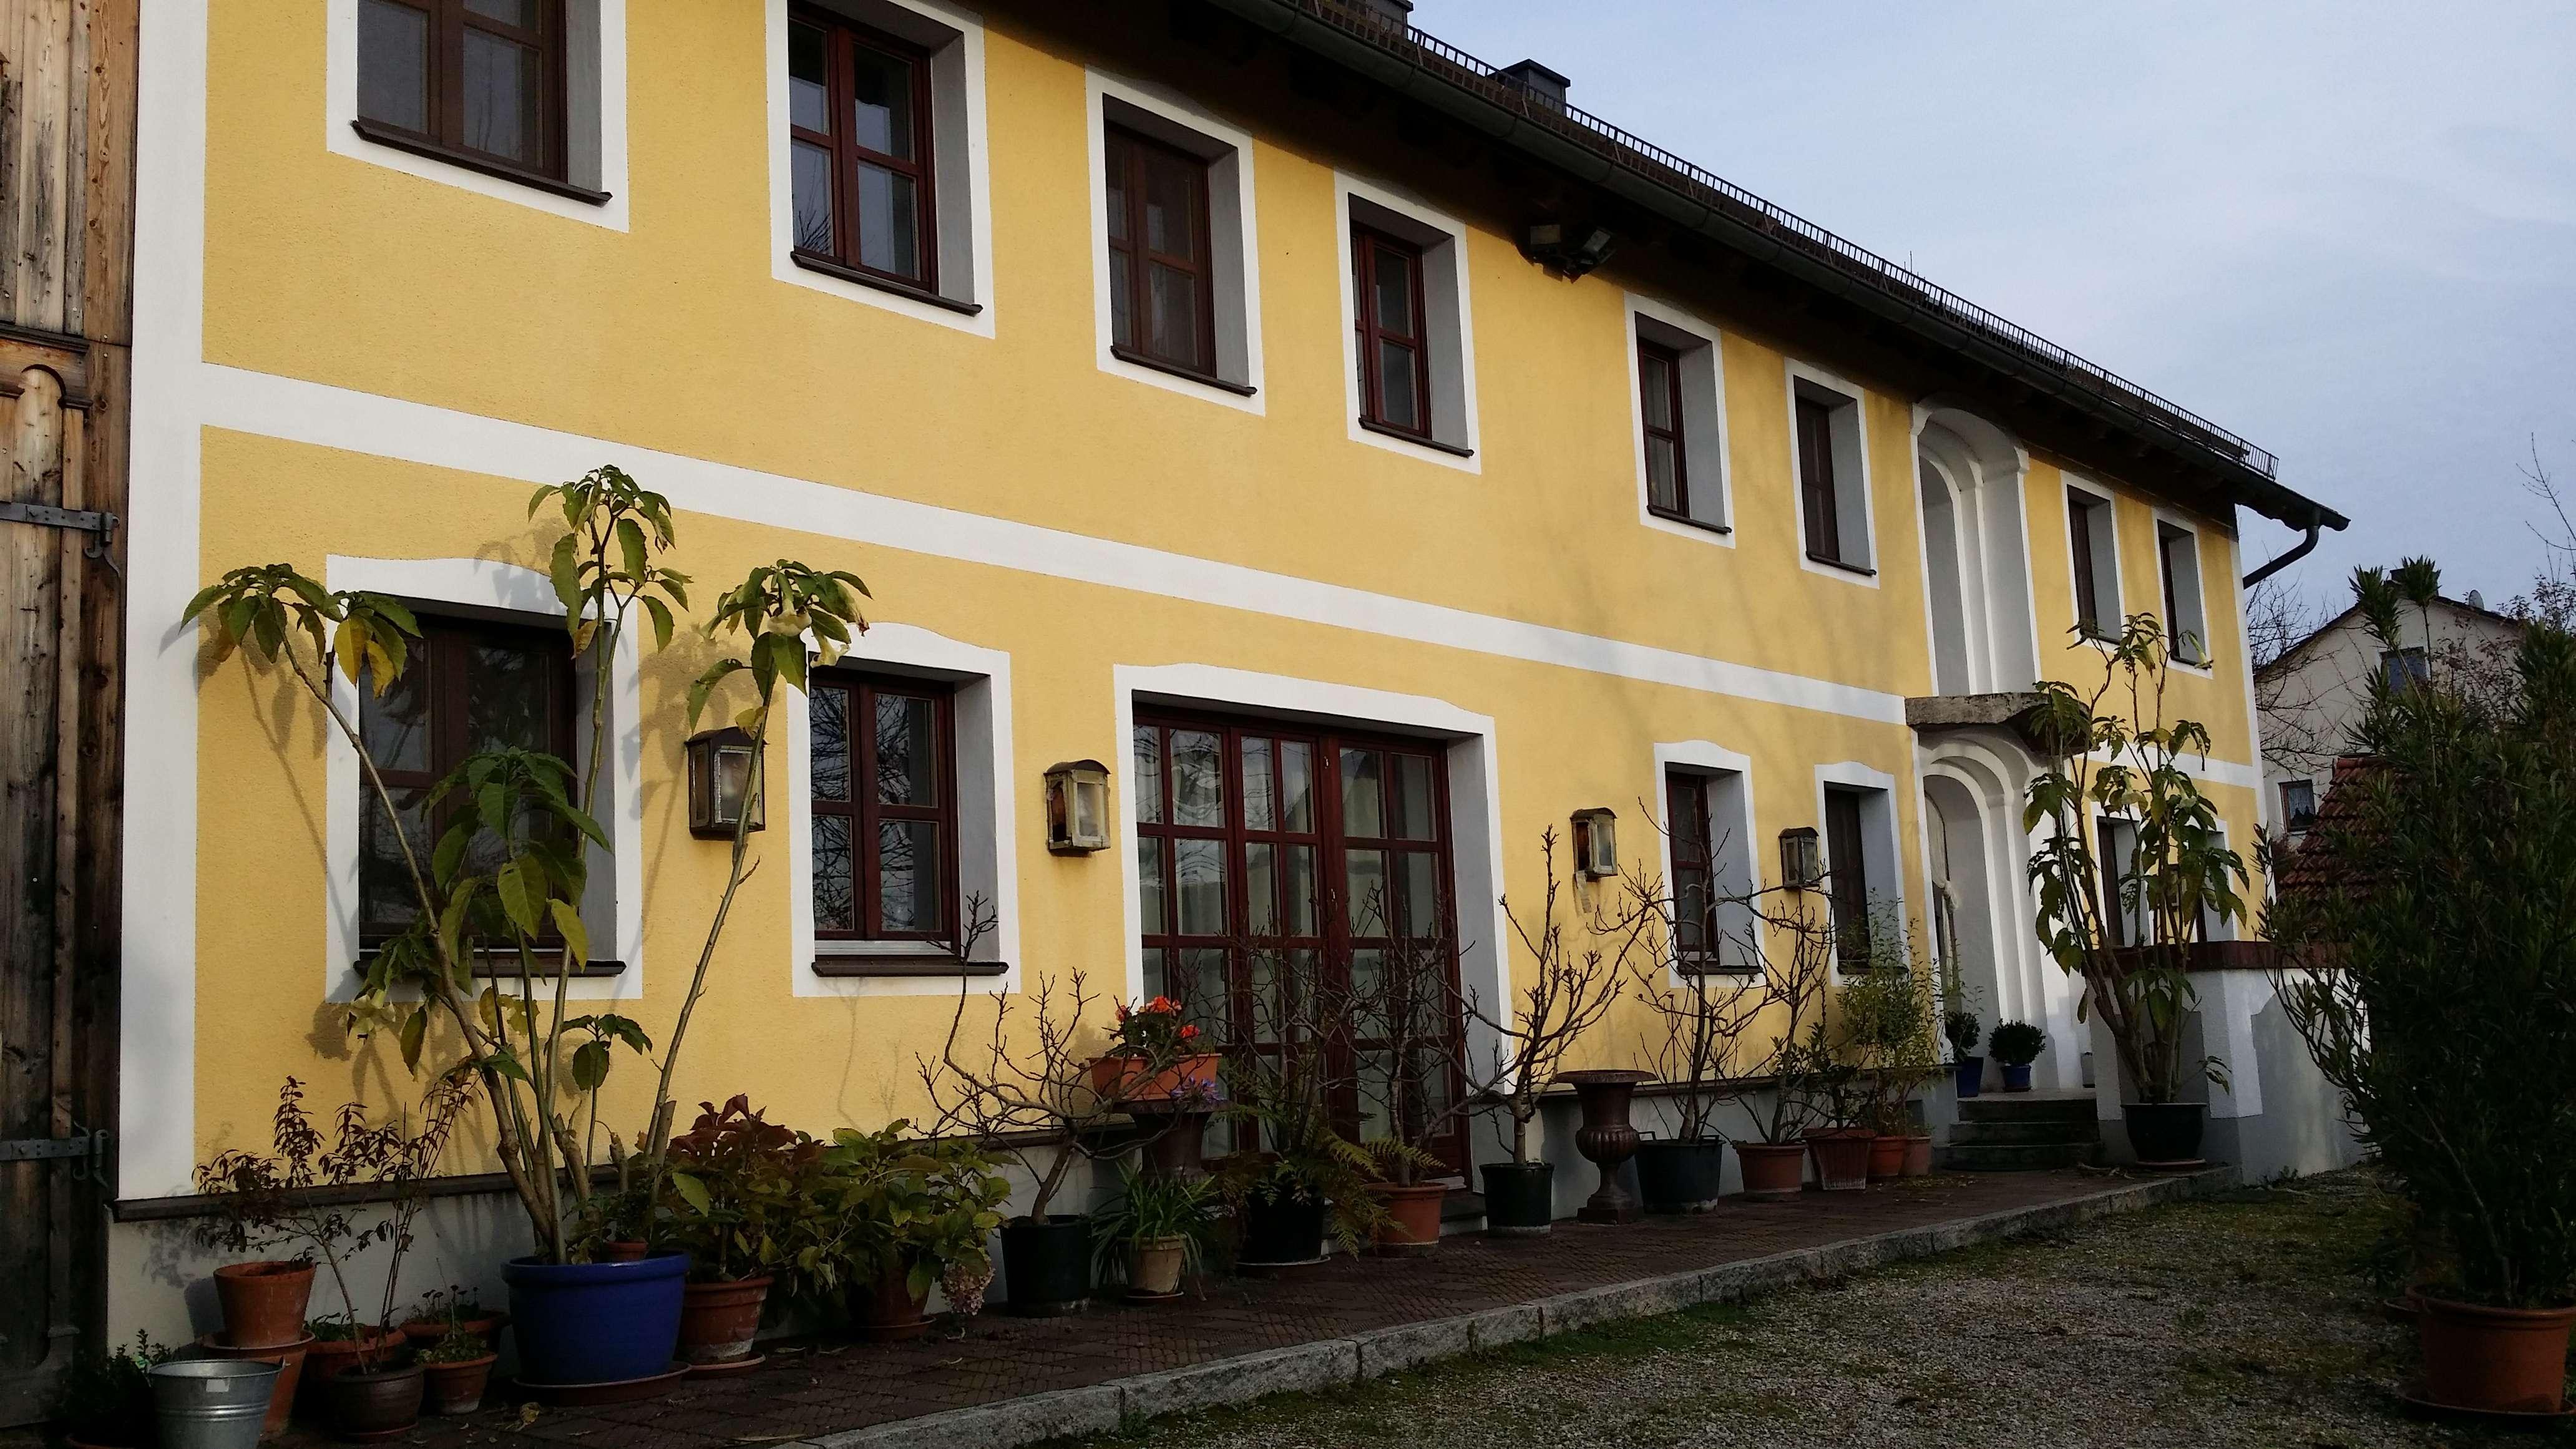 Gemeinschaftsfähige Mitbewohner in helle, modernisierte Wohnung auf dem Land gesucht! in